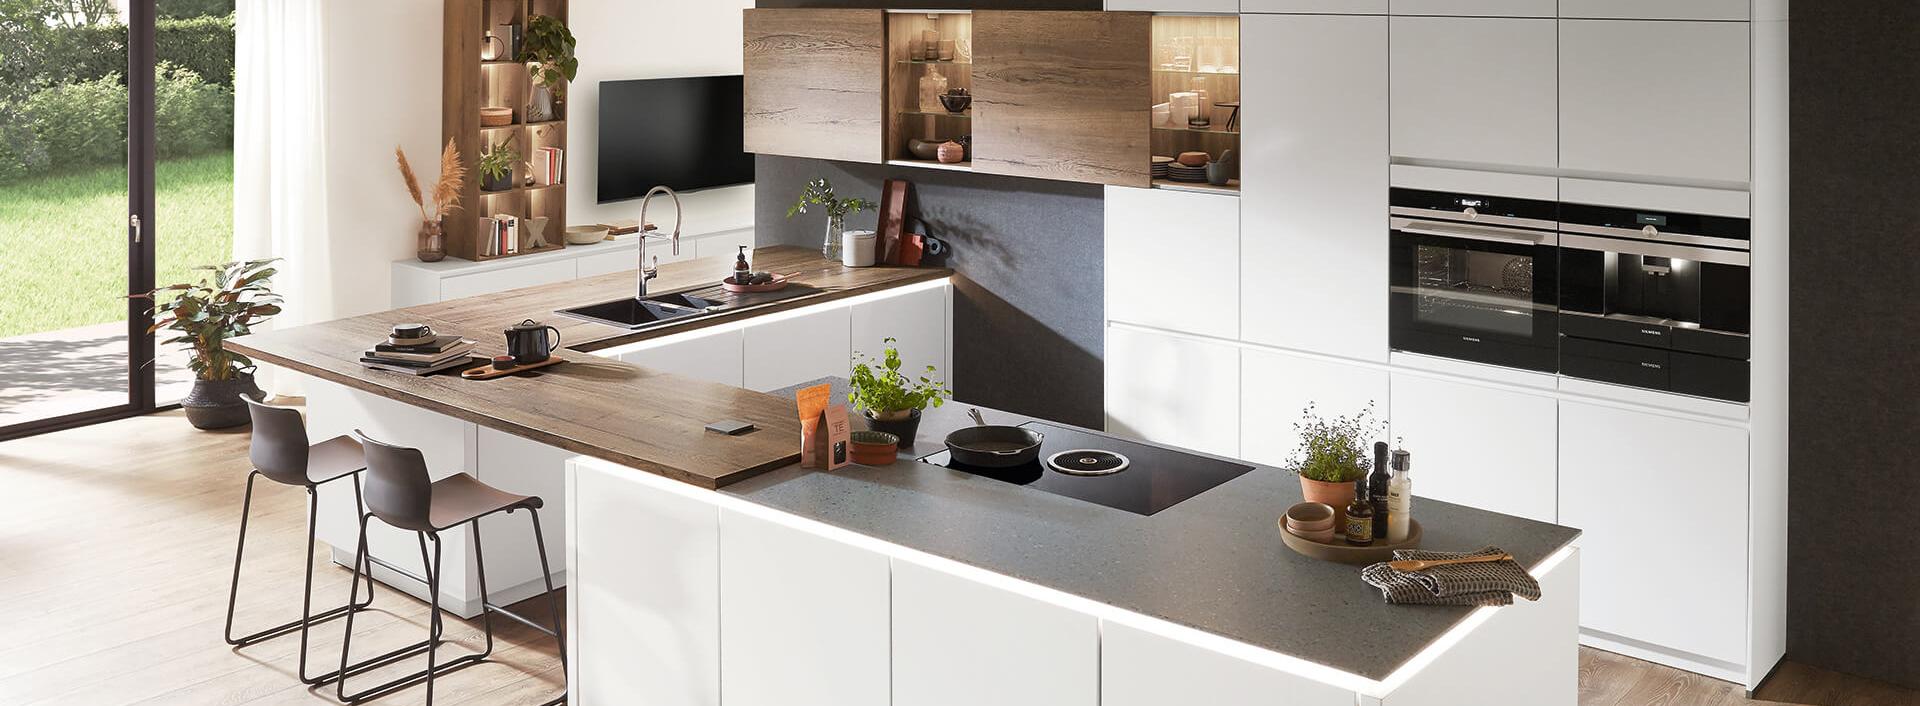 weiße grifflose Küche mit Tisch und Holz-Optik matte Front mit LED Beleuchtung